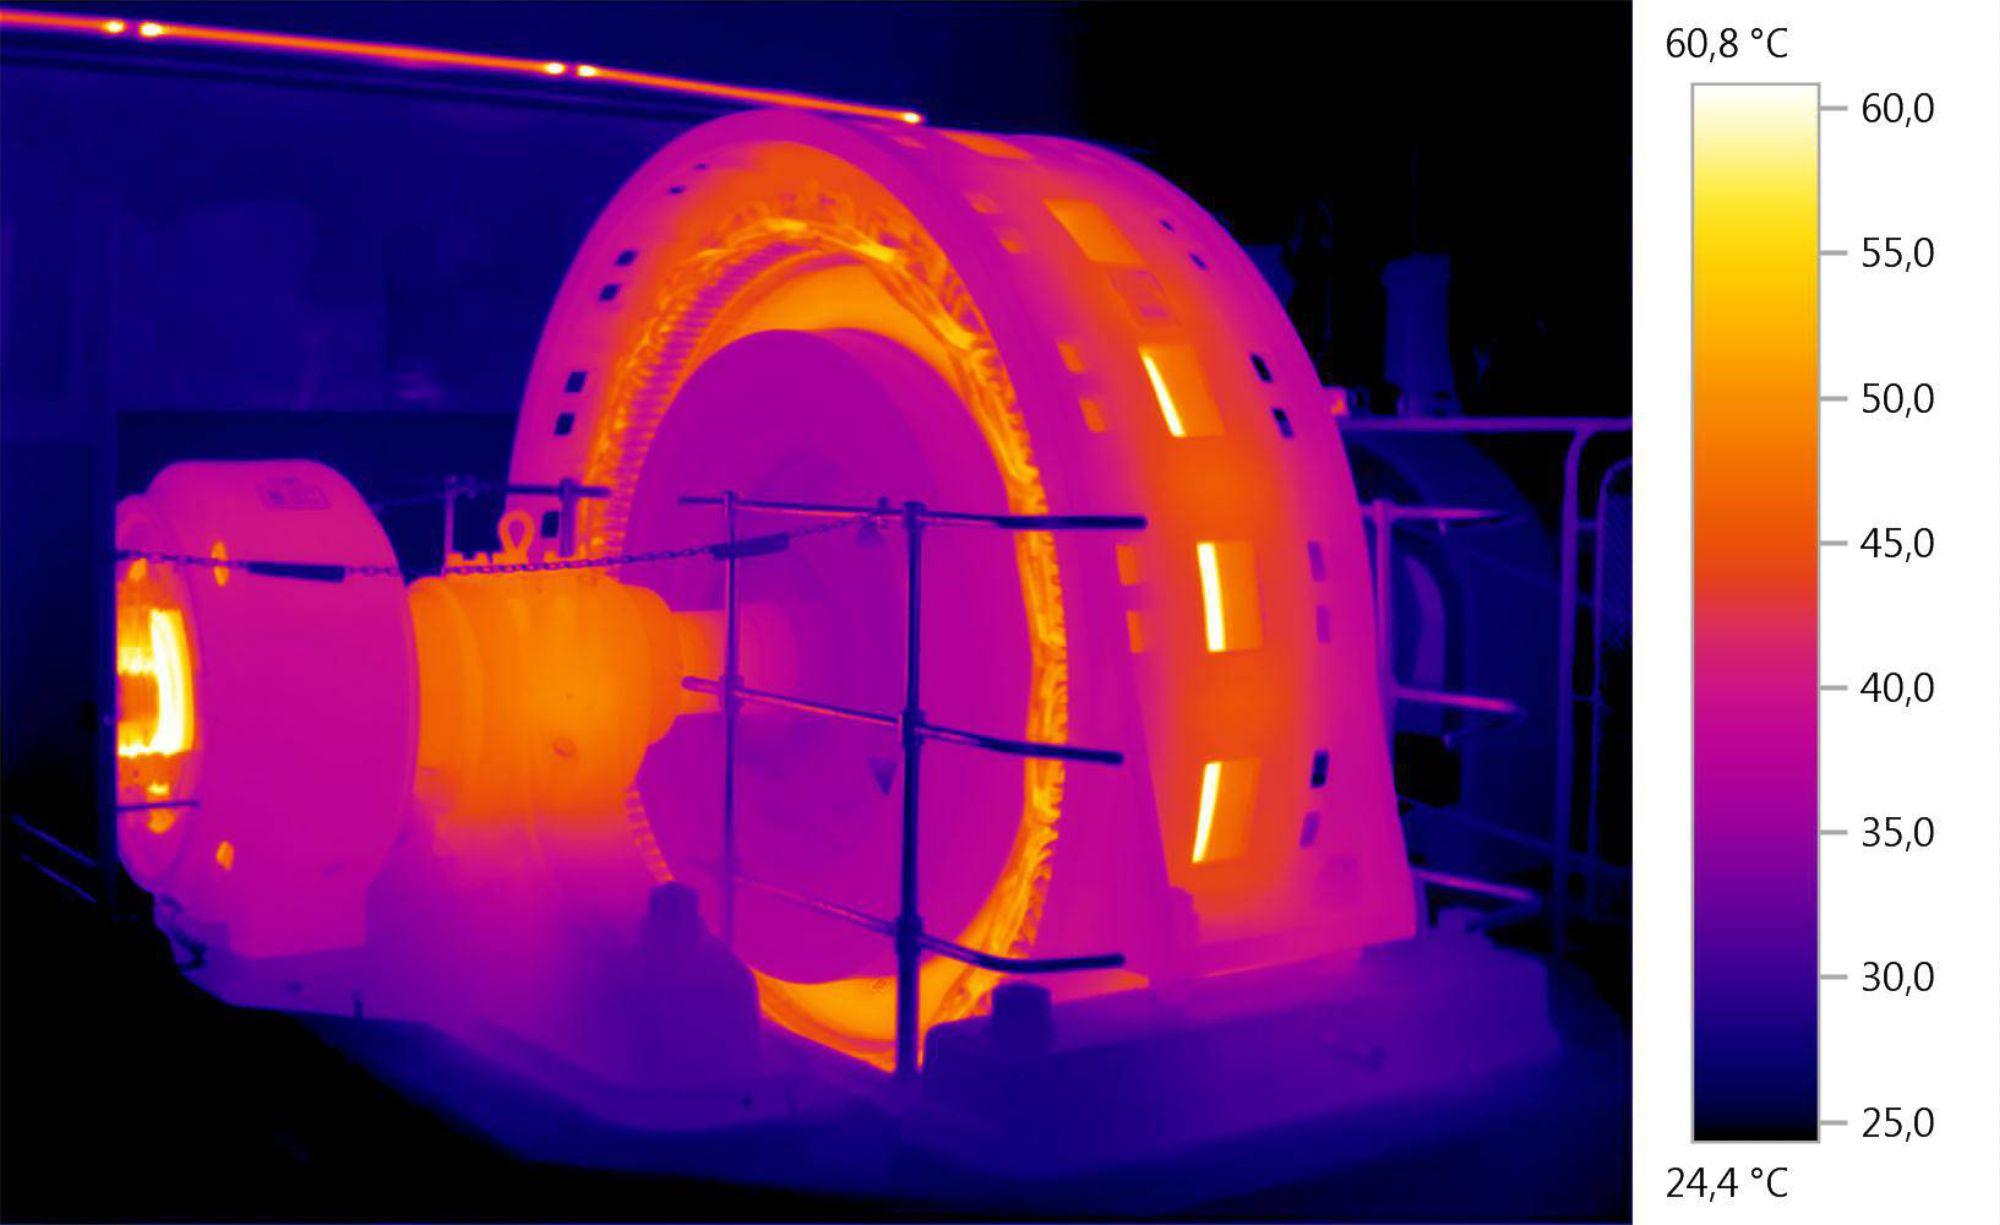 Wärmebild Energieerzeugeung